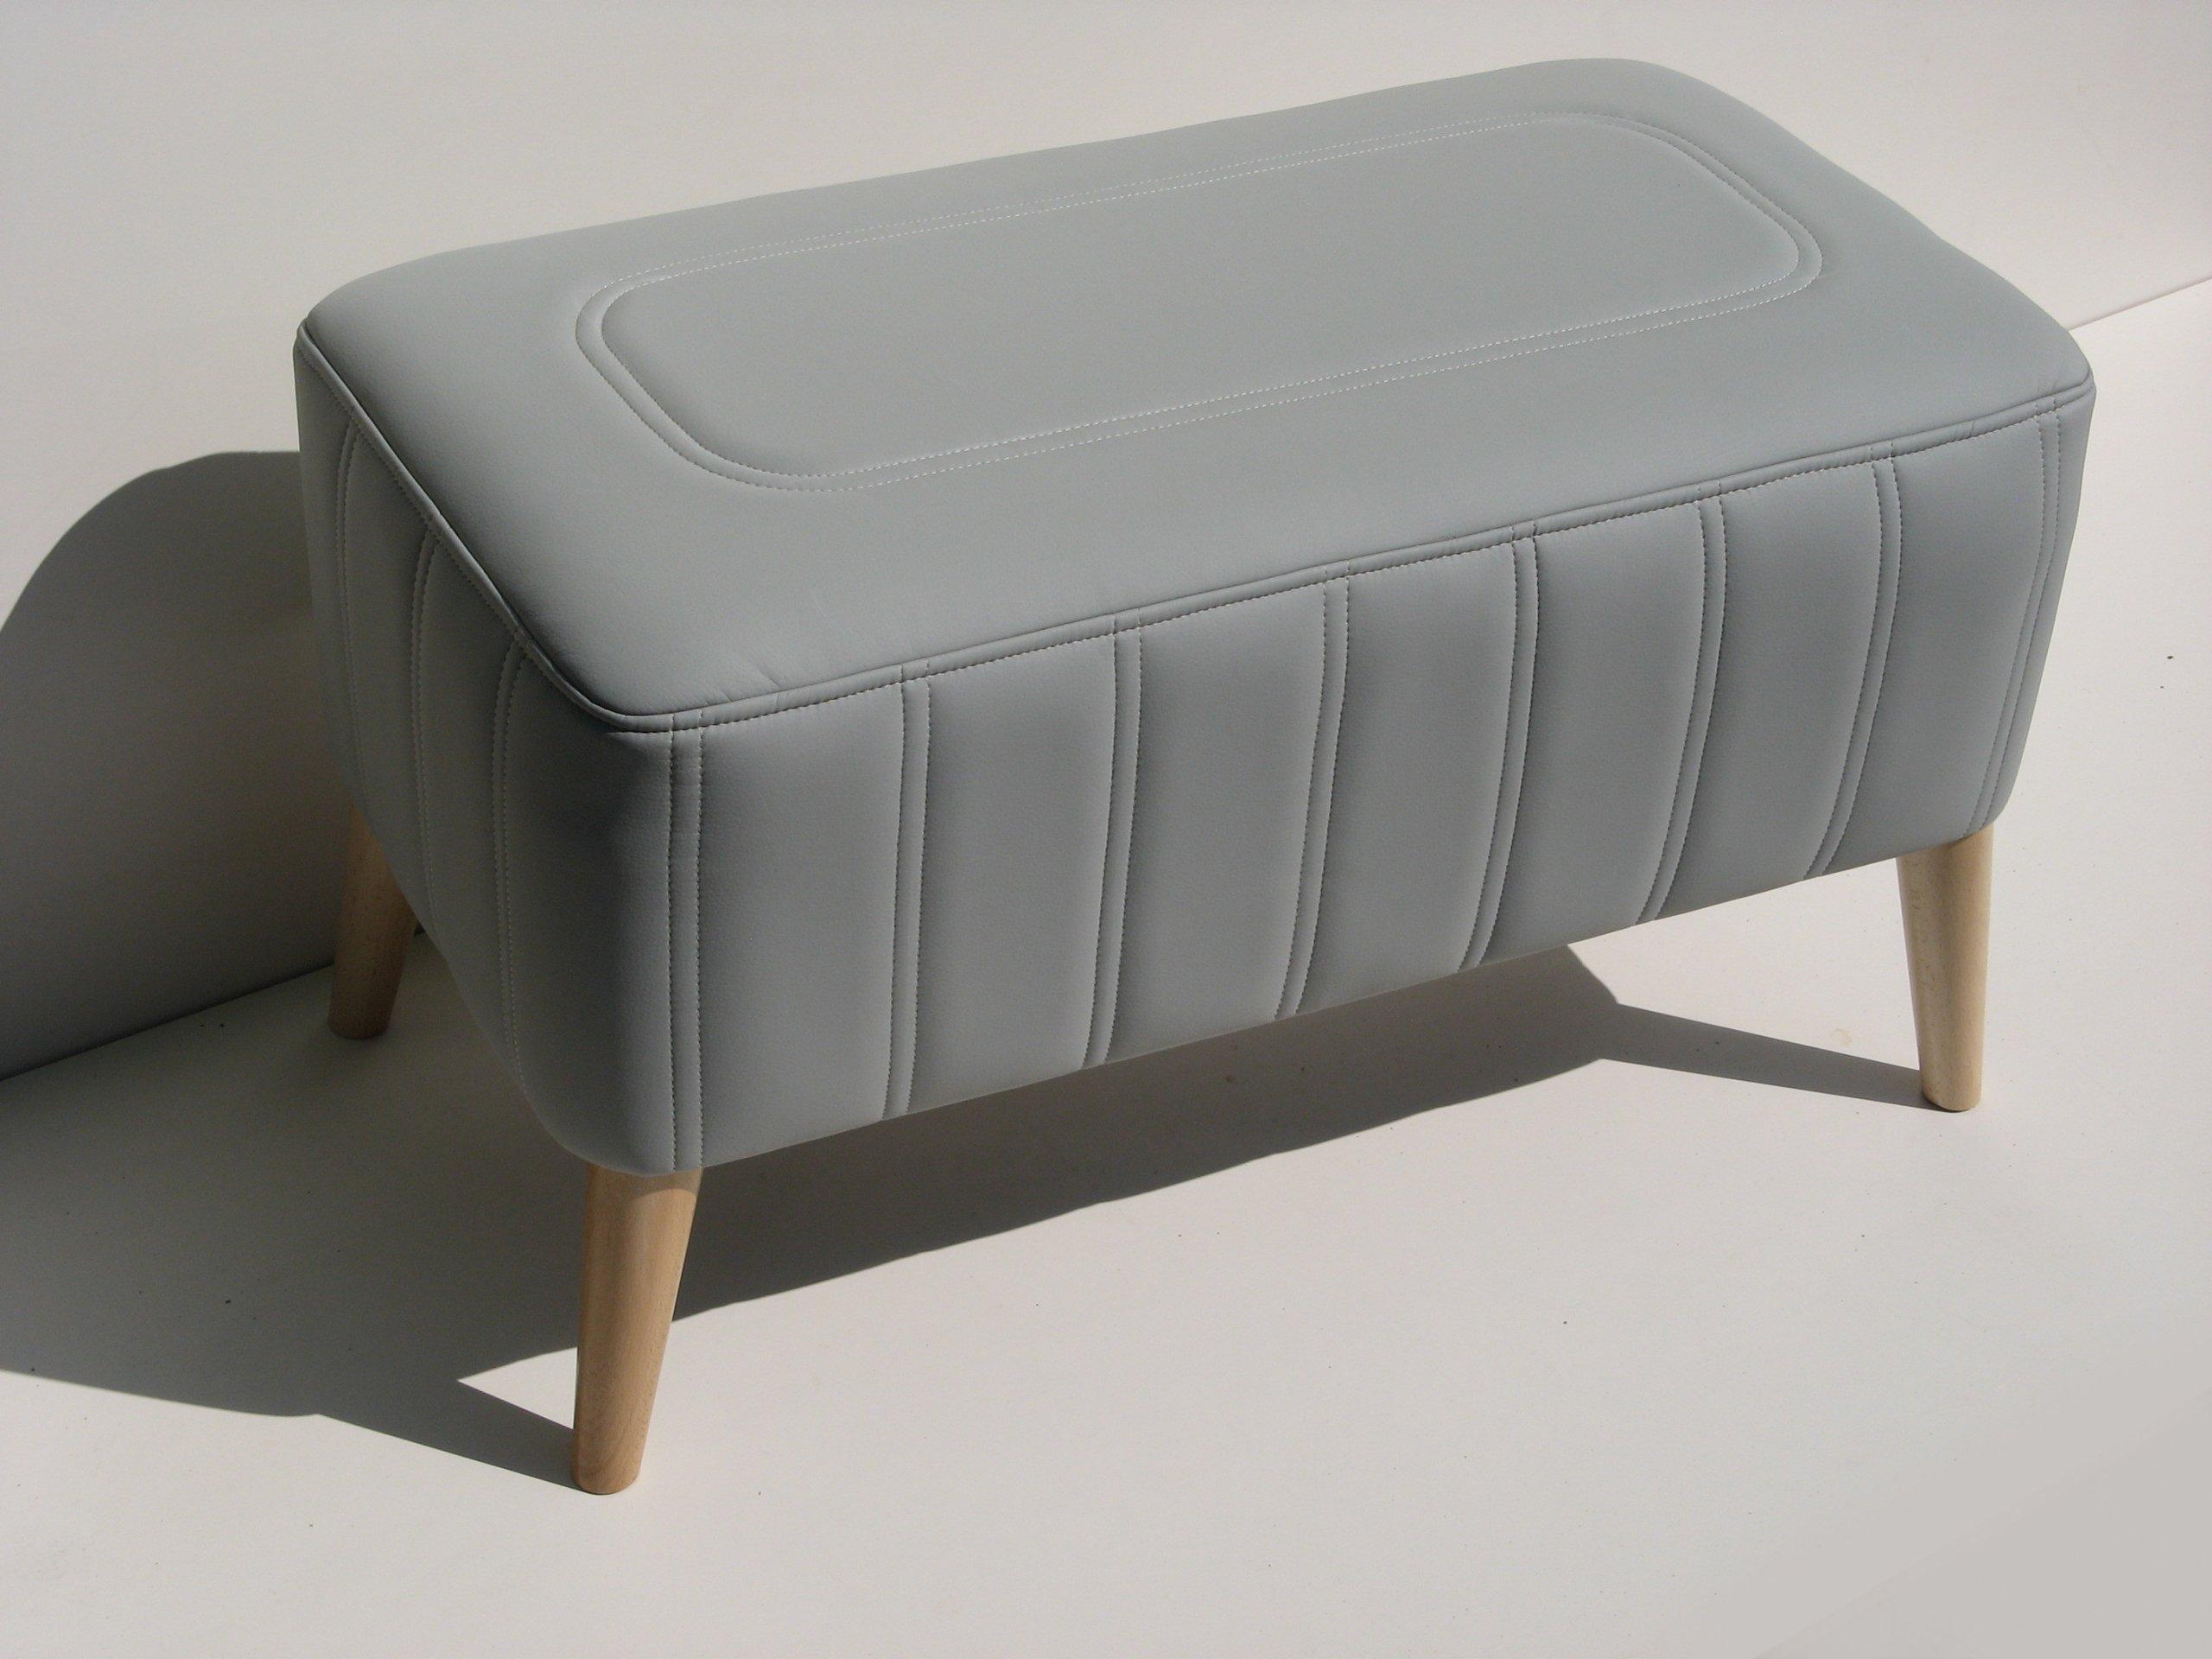 Lavicového sedadla ESTON podľa veľkosti